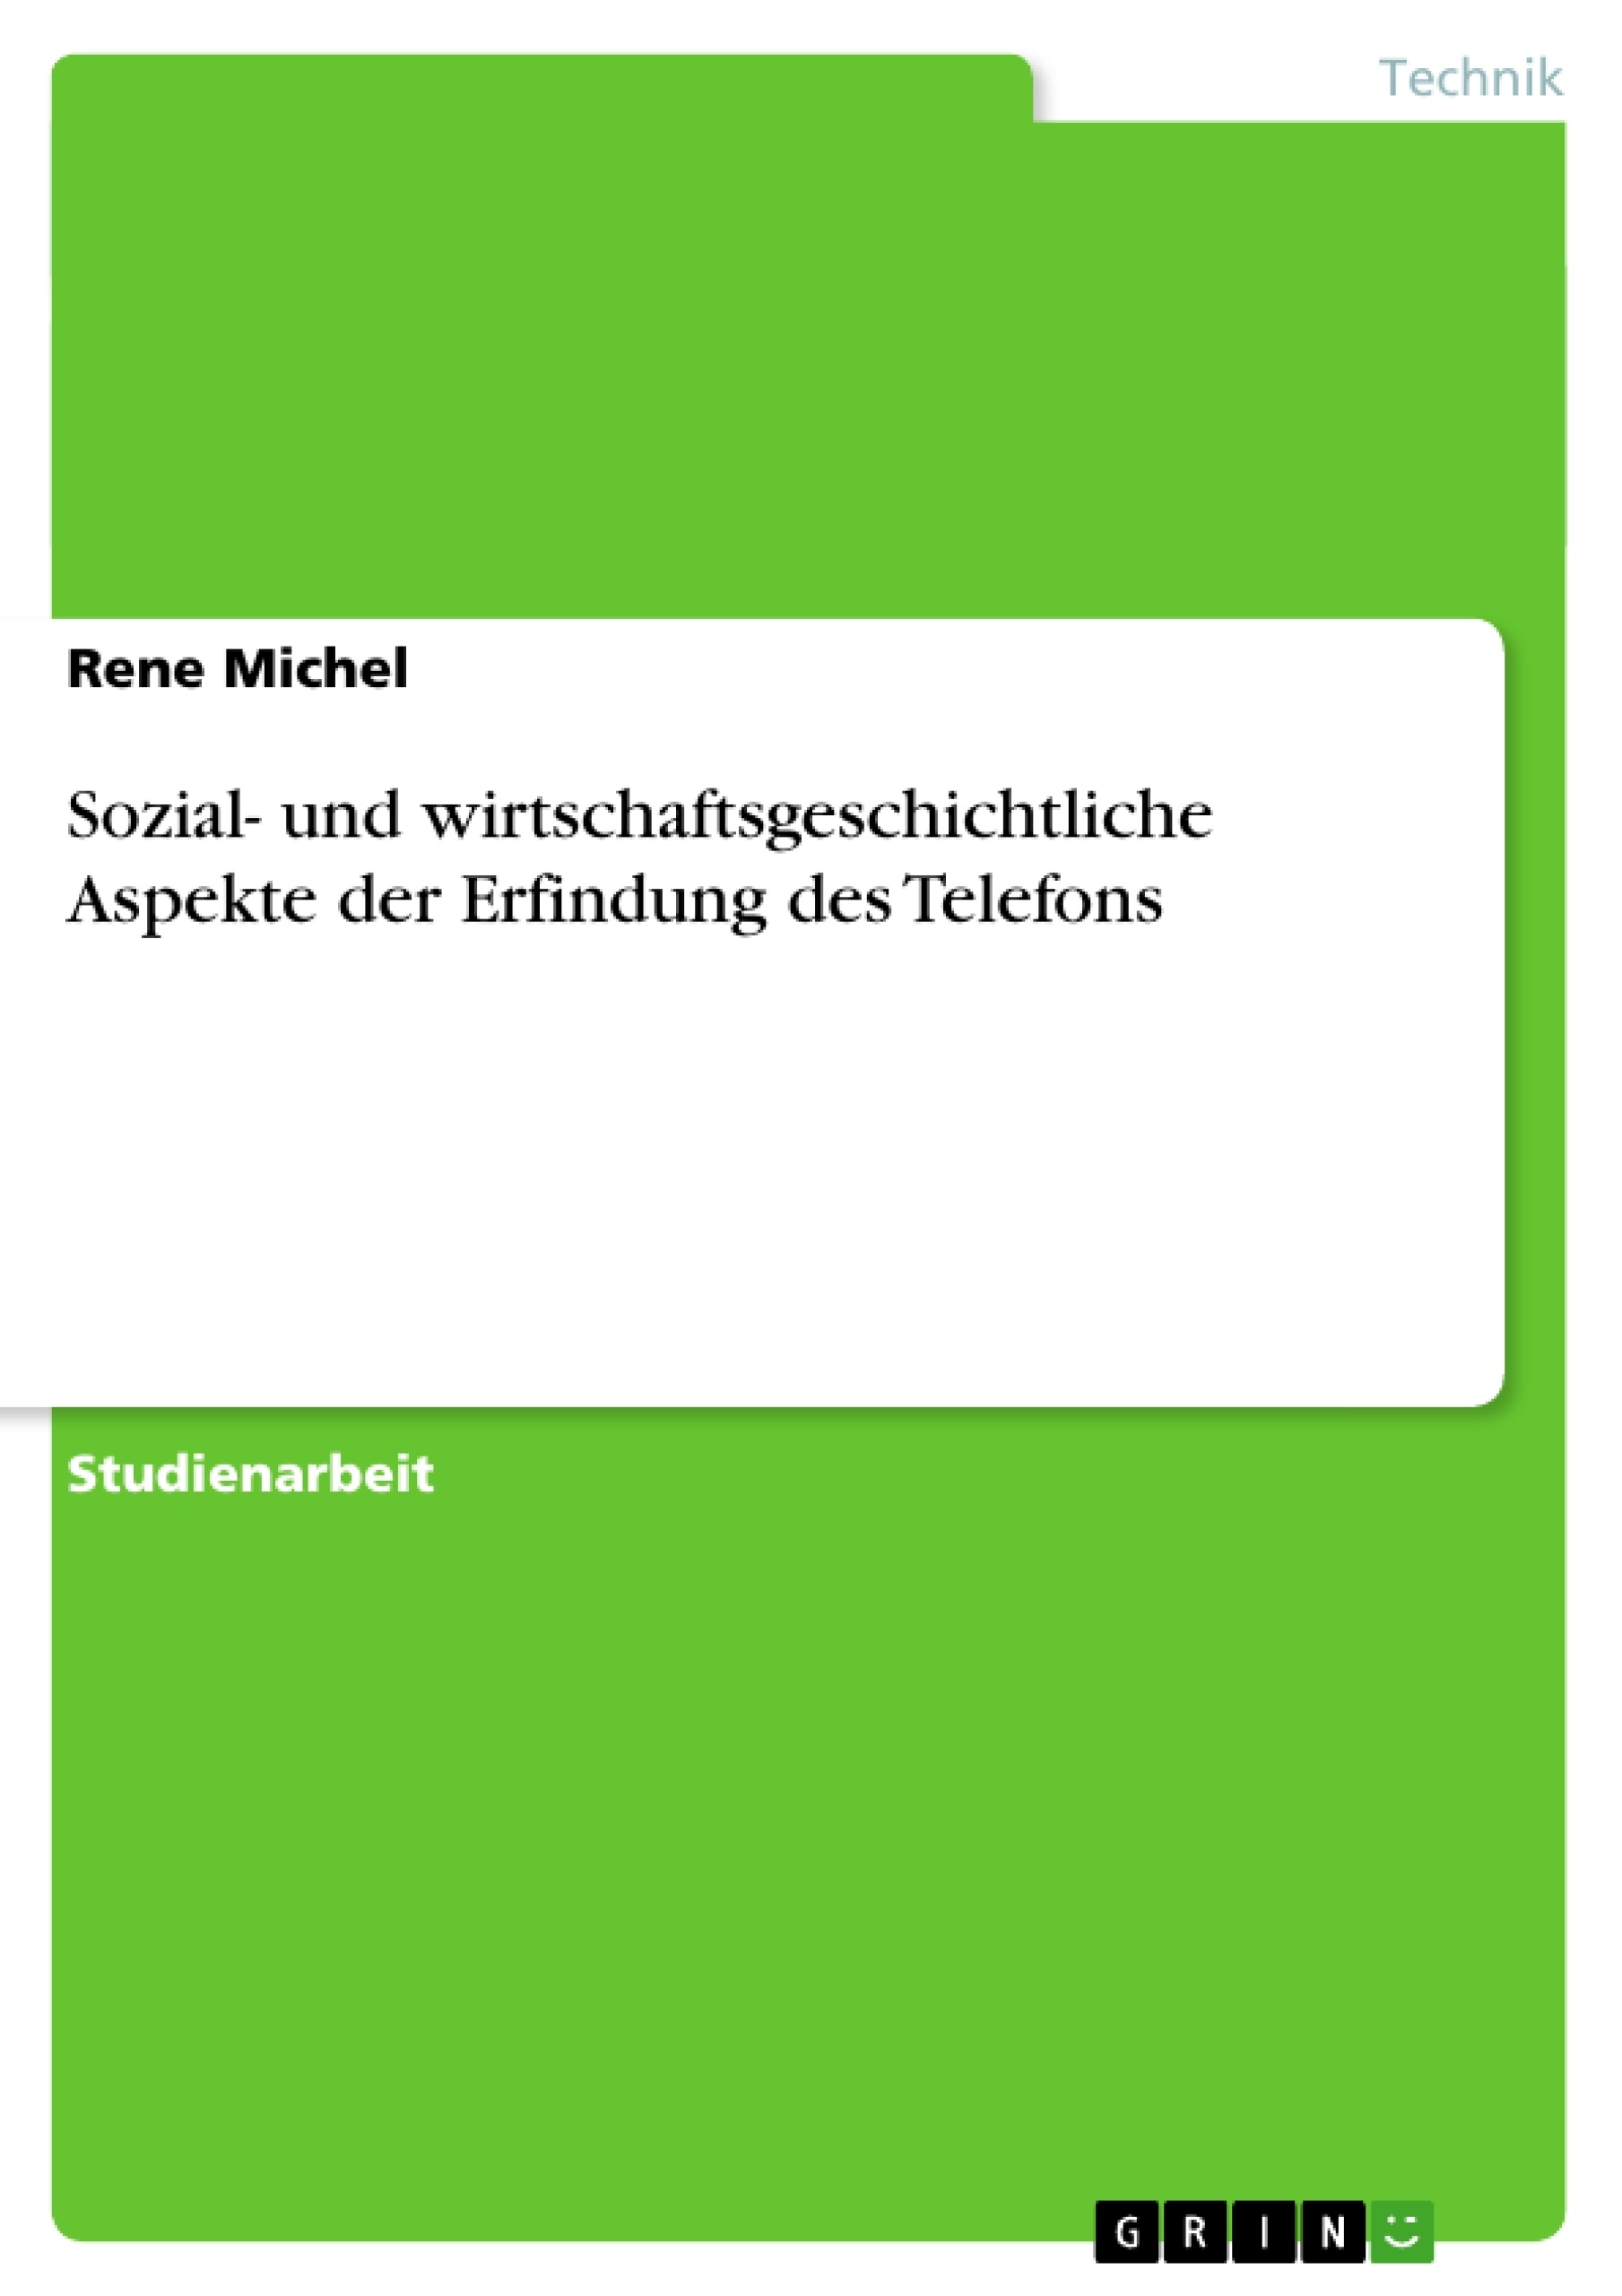 Titel: Sozial- und wirtschaftsgeschichtliche Aspekte der Erfindung des Telefons